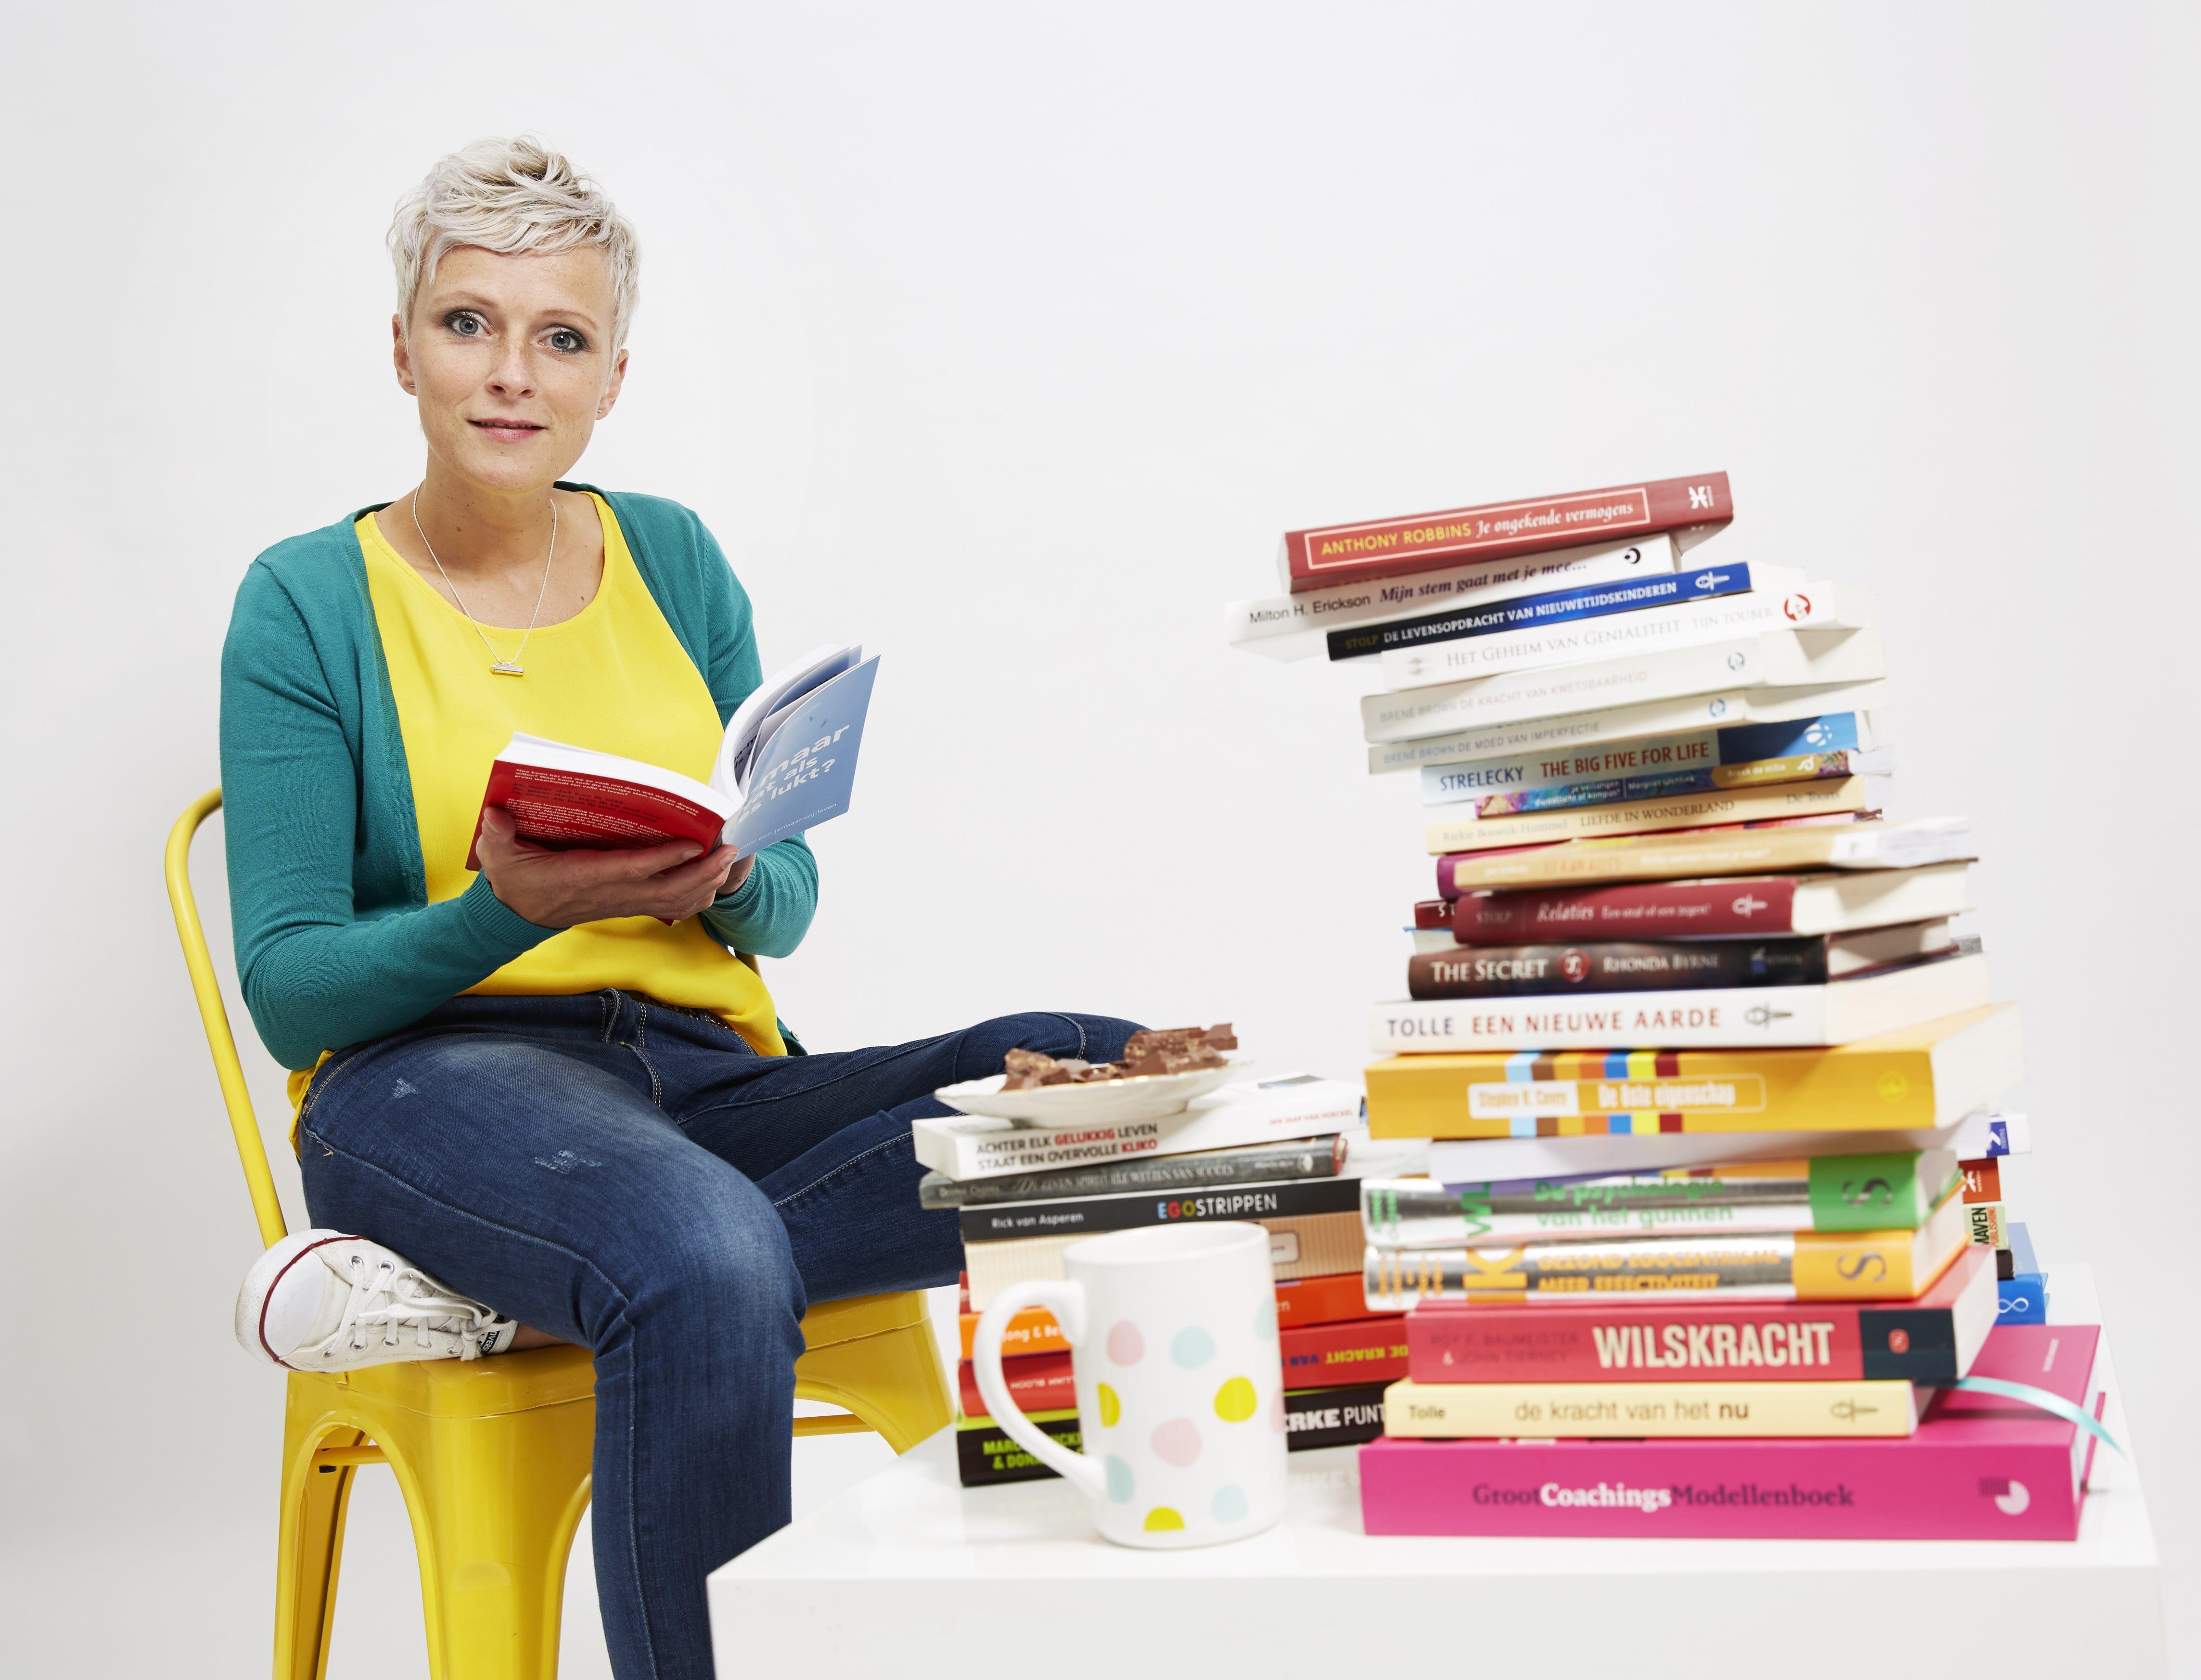 Profielfoto Ingrid Bijlmakers met boeken